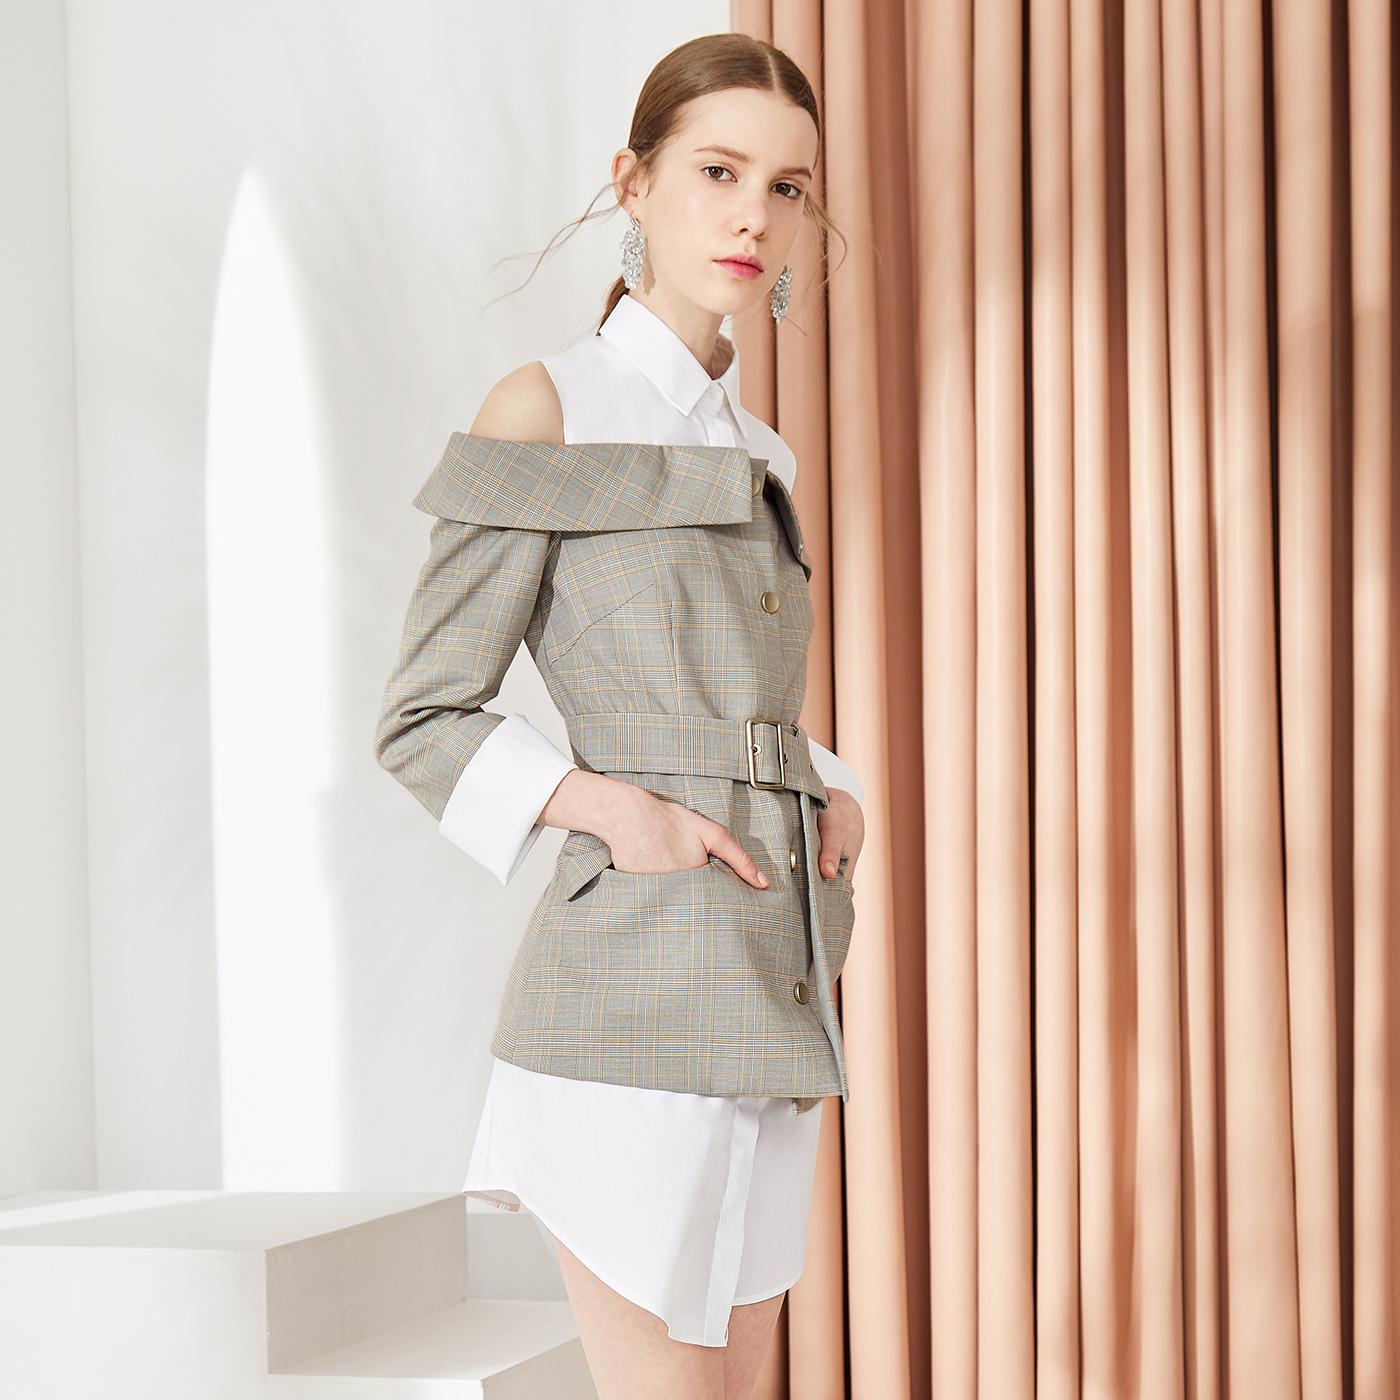 糖力2018秋装新款假两件一字领露肩衬衫裙子修身收腰格子连衣裙女